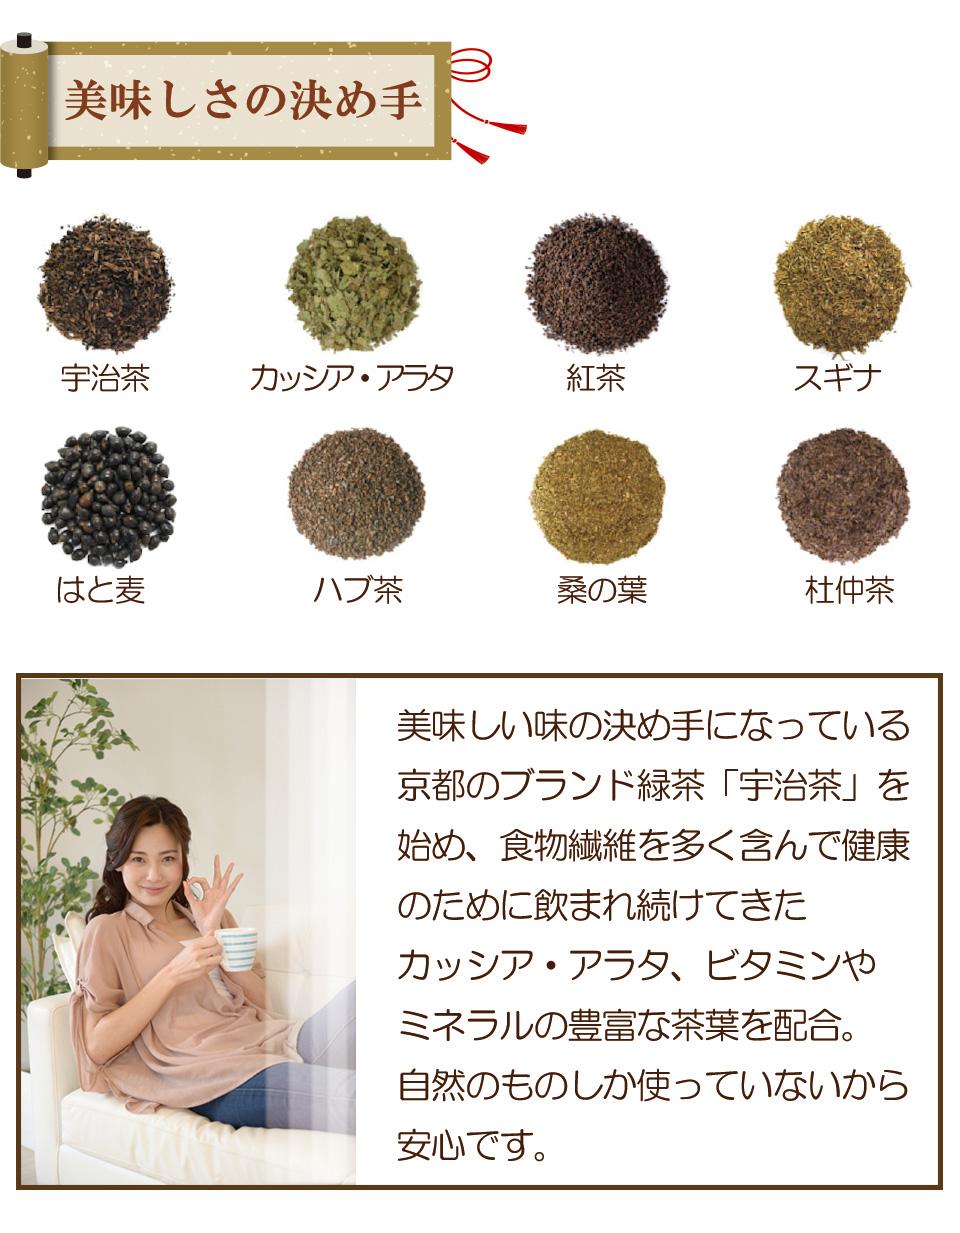 食物繊維を含むお茶 ビタミン ミネラル豊富なお茶 京の焙じ茶 便秘 宿便 つまり解消に